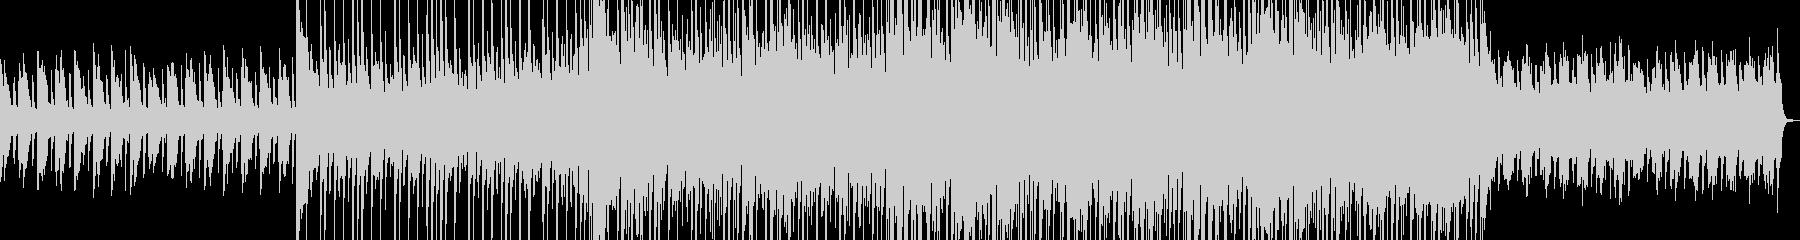 アップテンポなロック調のダンス曲の未再生の波形